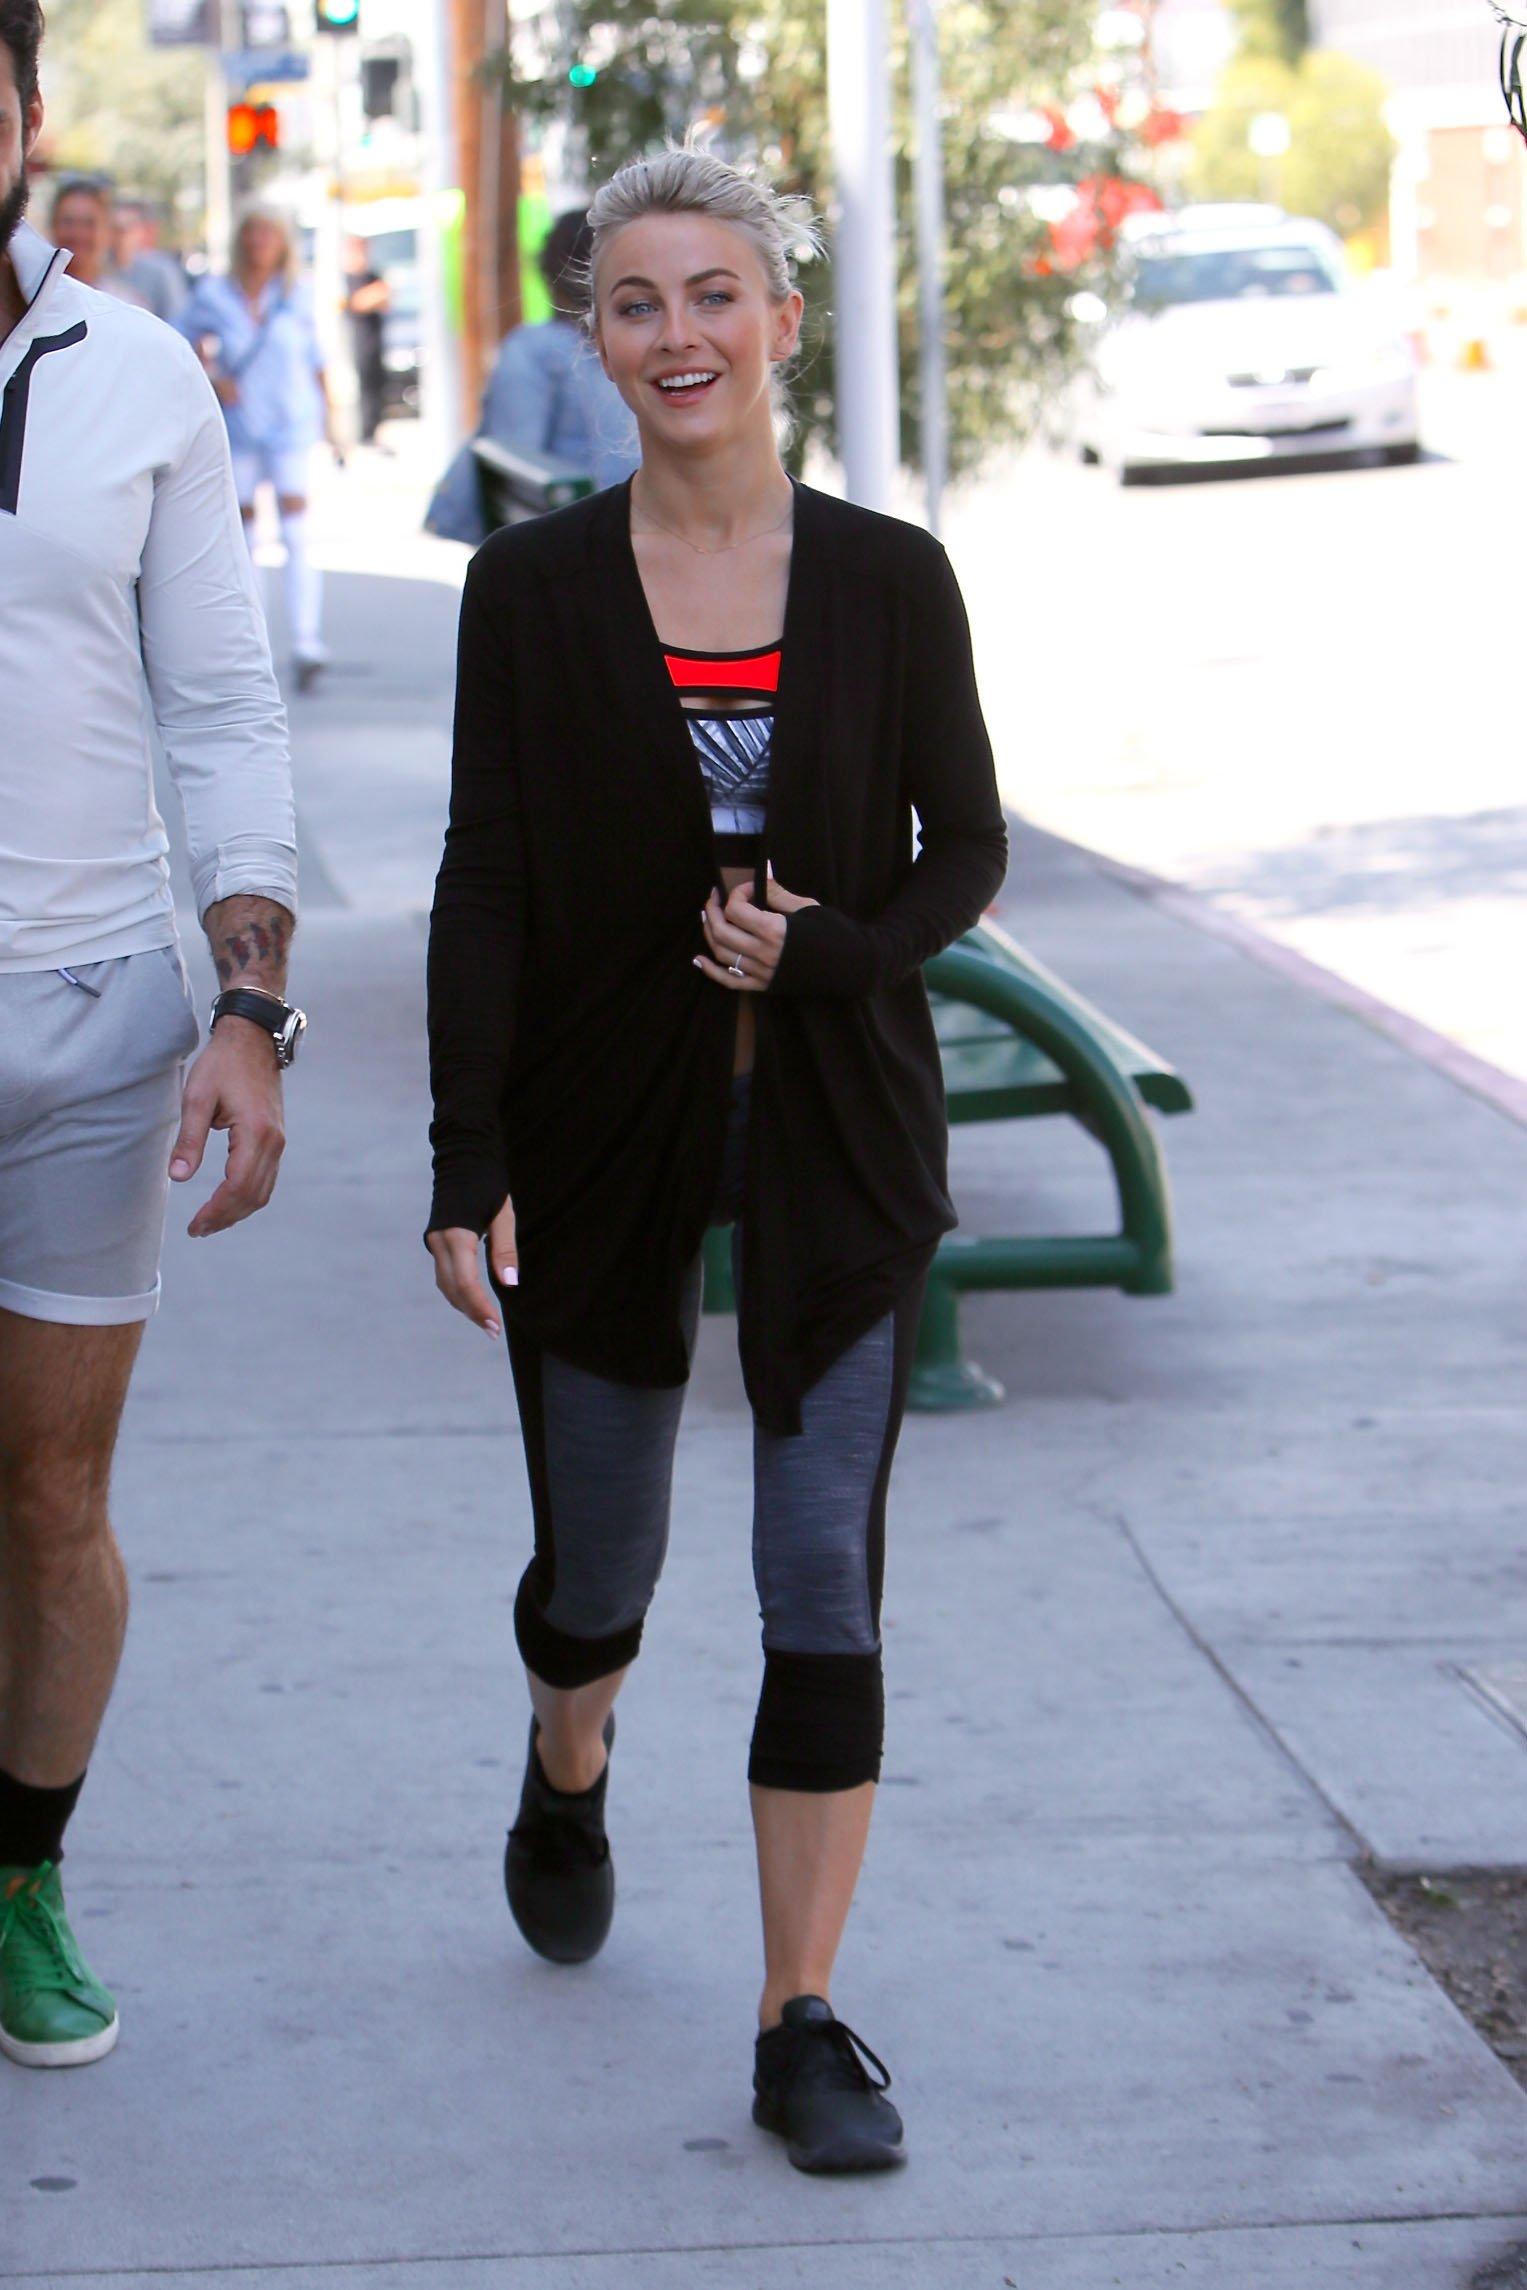 Джулианна Хью  прогулялась по  Лос-Анджелесу в ярком наряде